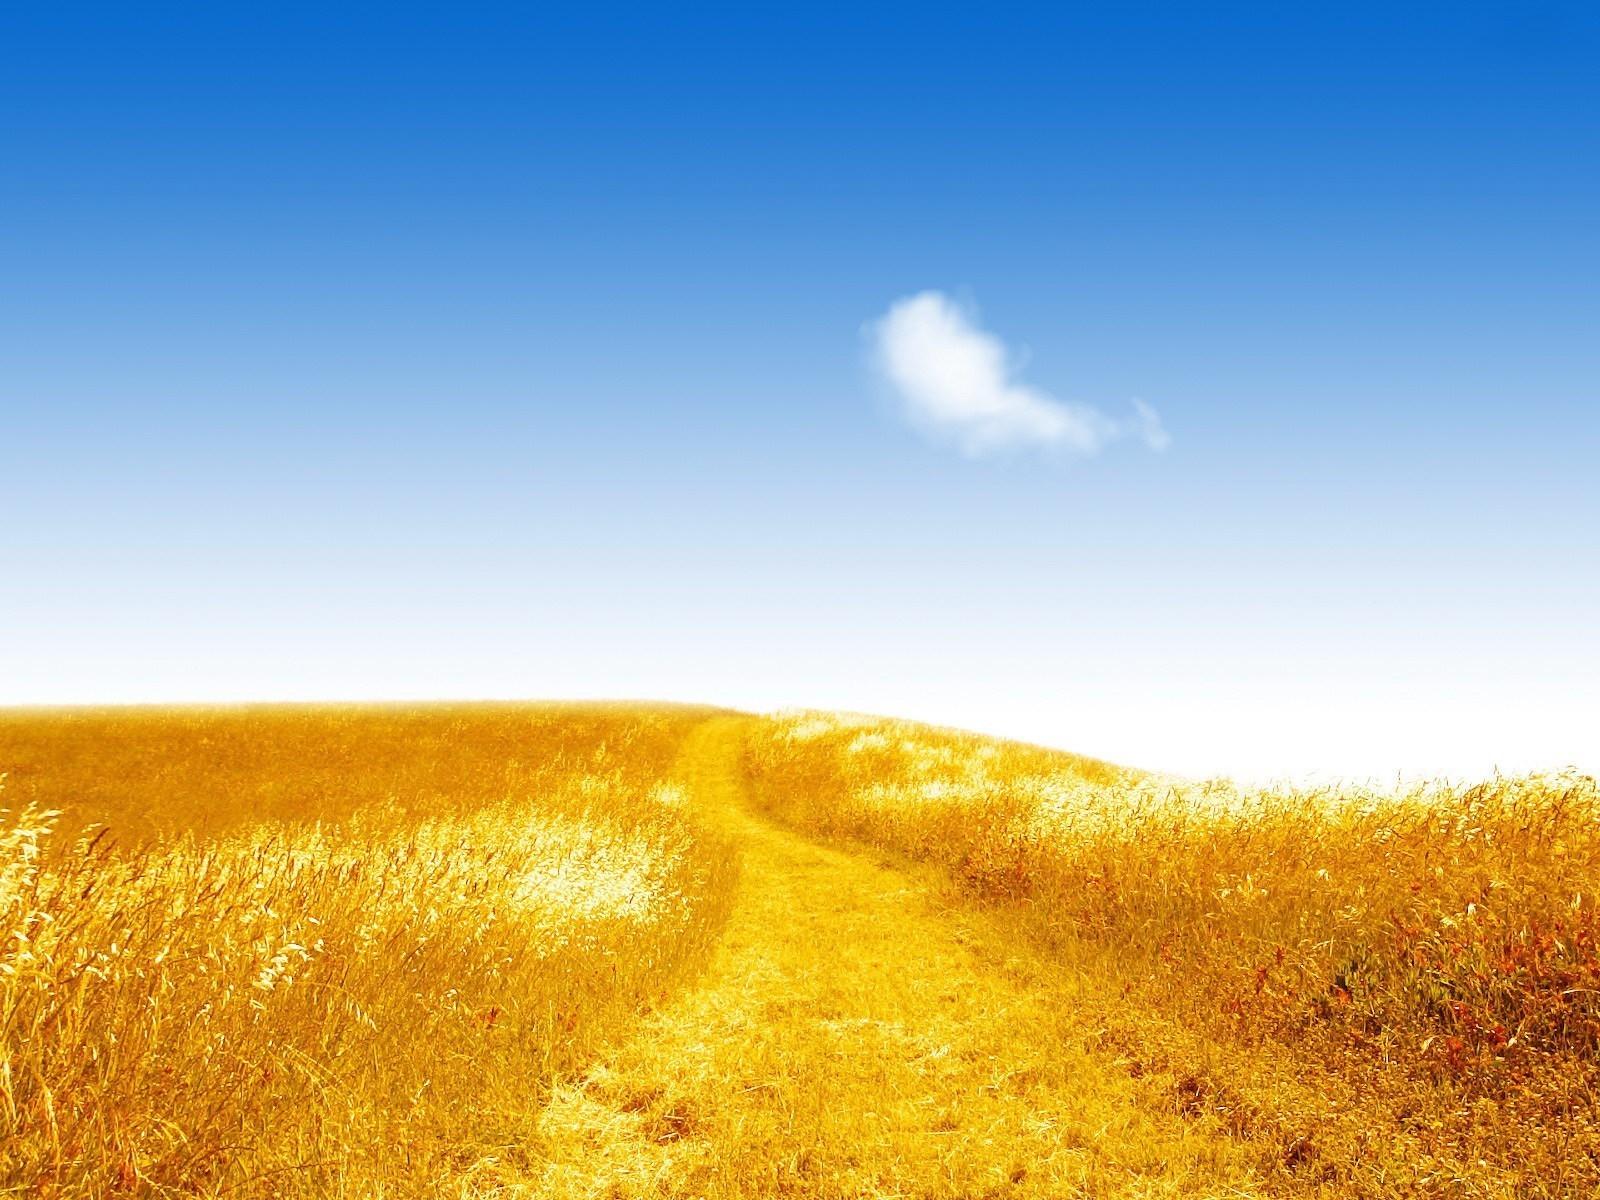 20747 скачать обои Пейзаж, Поля, Небо, Дороги - заставки и картинки бесплатно